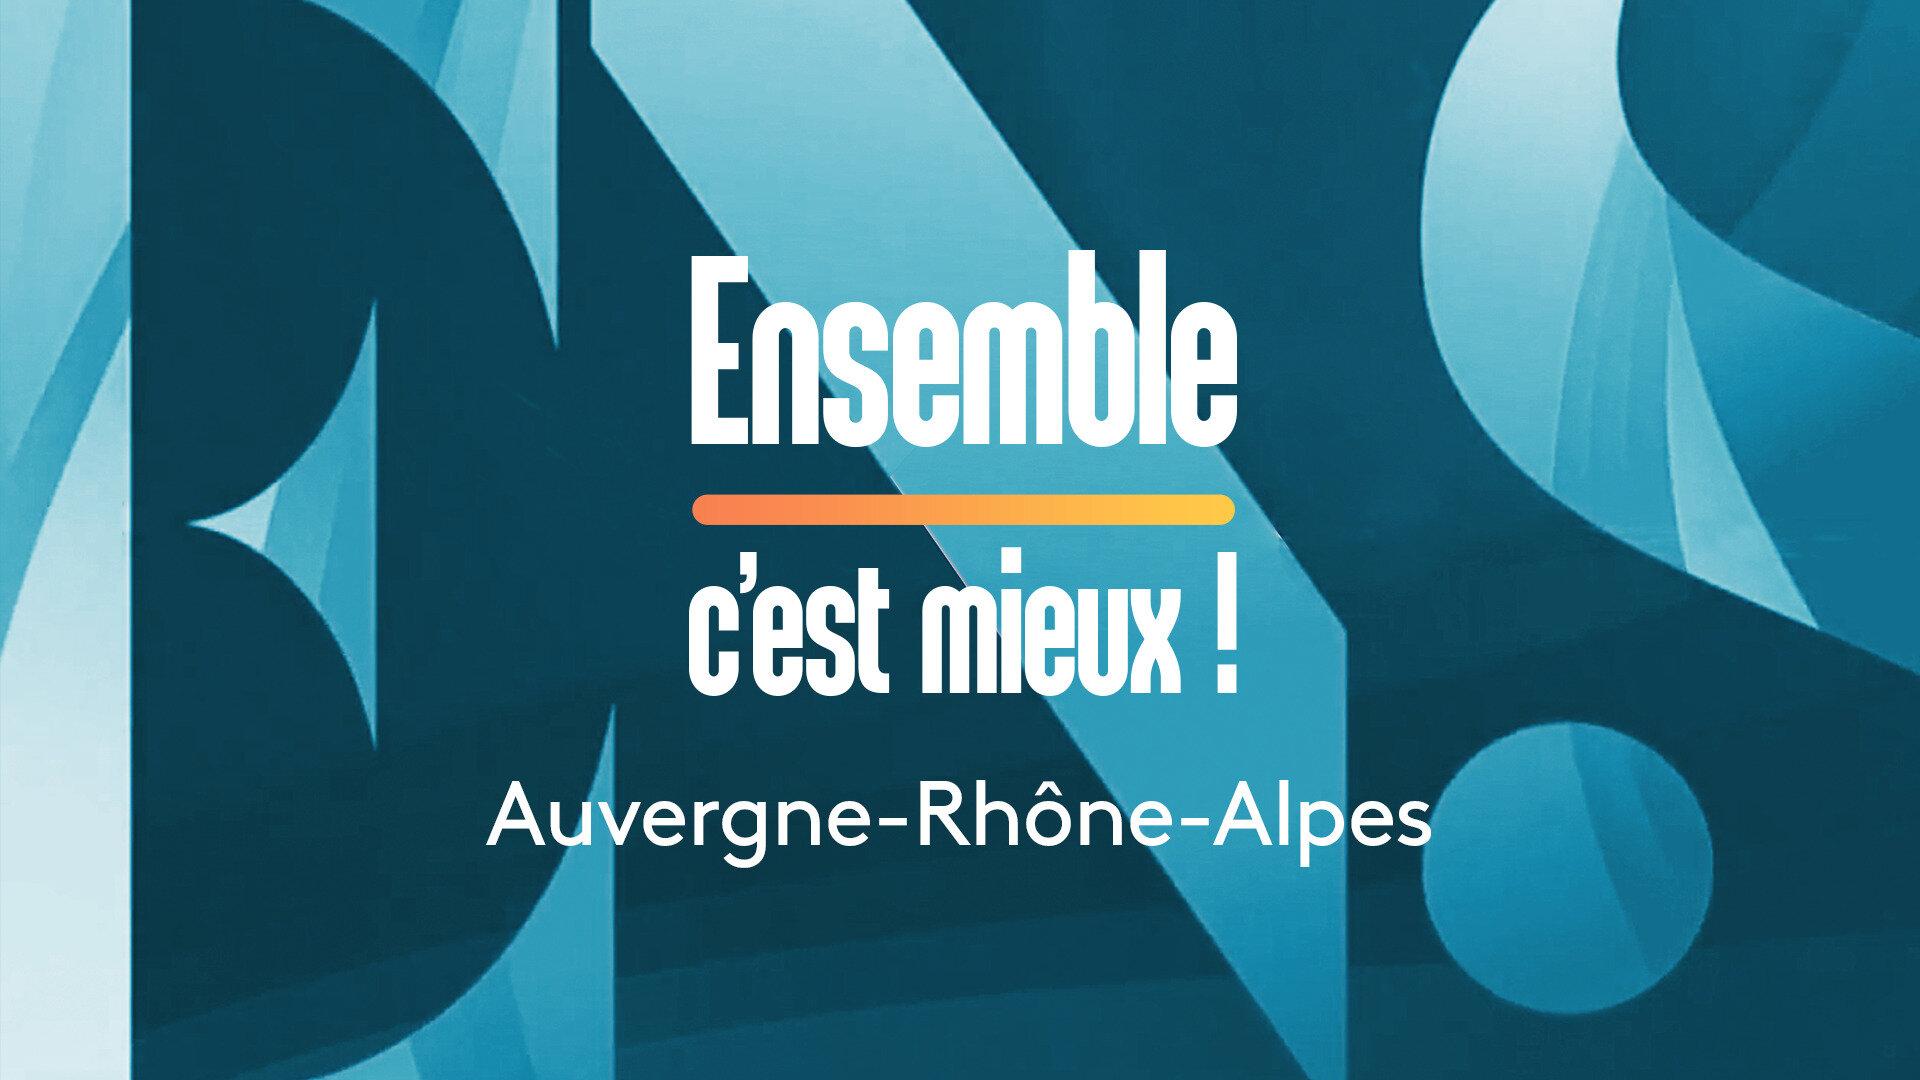 Ensemble c'est mieux ! Alpes-Auvergne-Rhône-Alpes : Nous paysans - Agriculteurs : comment assurer la relève ?